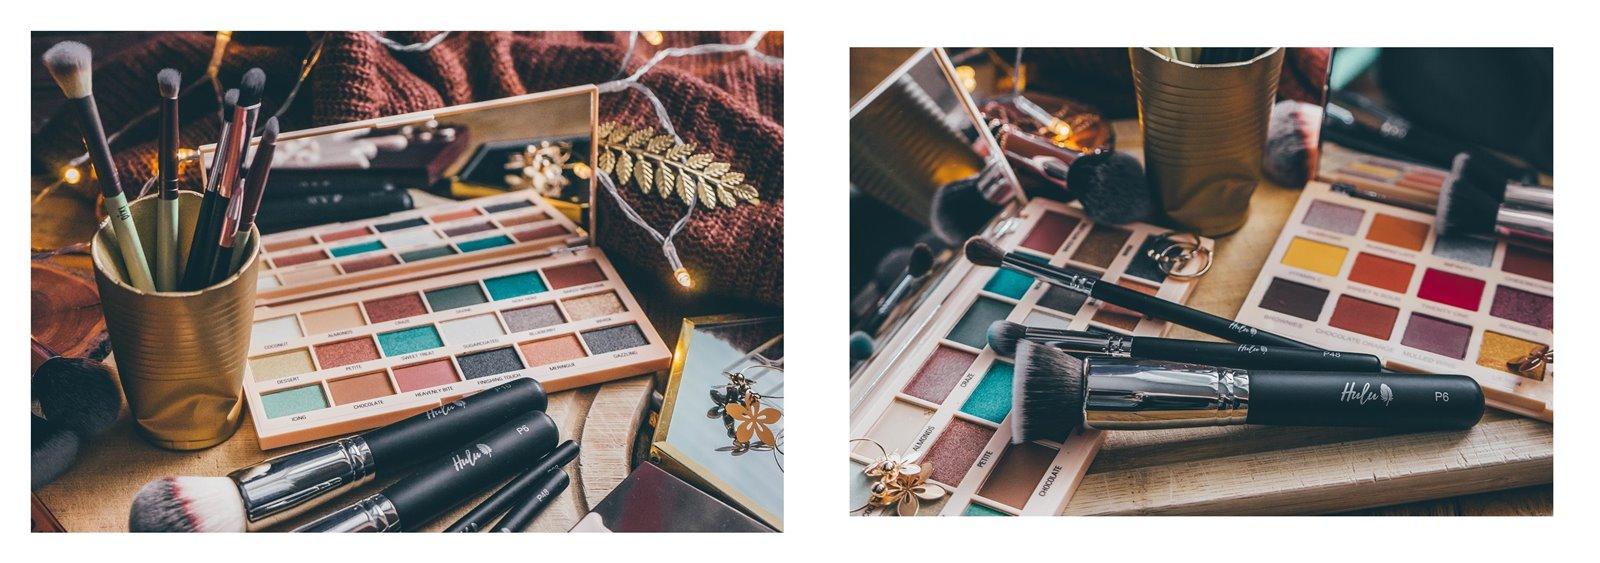 3a polskie blogu urodowe makijaż jak robić zdjęcia kosmetykom blog kosmetyczny łódź melodylaniella recenzje opinie relacje kosmetyki makeup revolution pędzle hulu